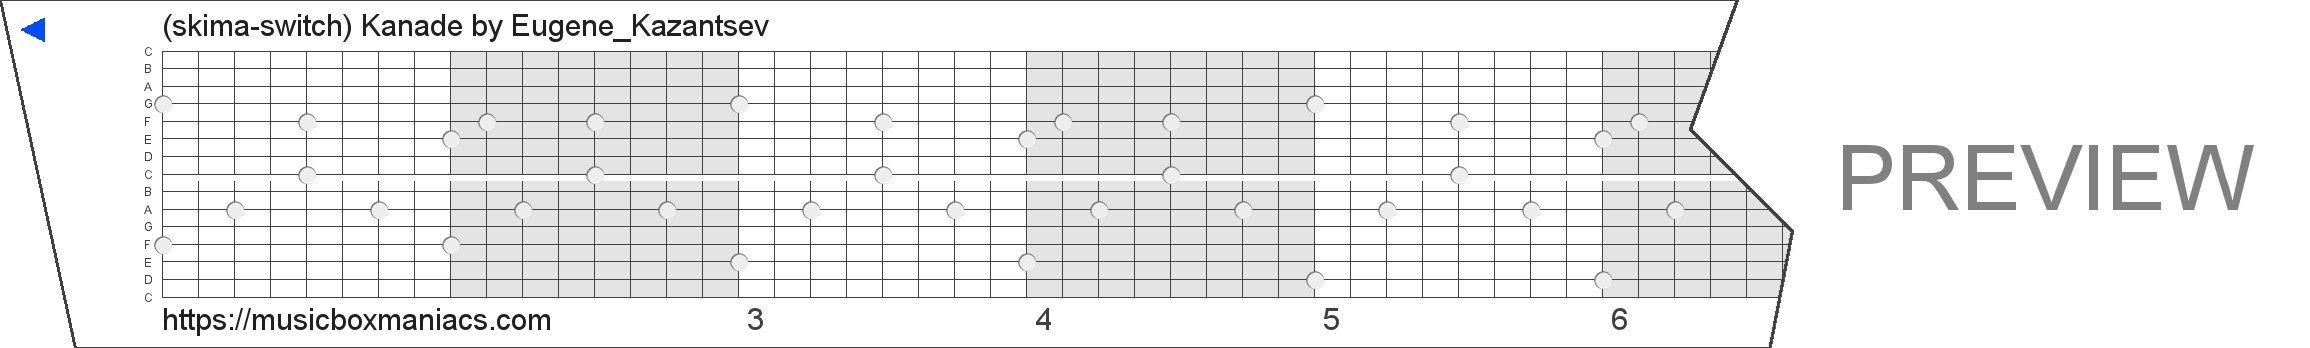 スキマスイッチ(skima-switch) 奏Kanade 15 note music box paper strip